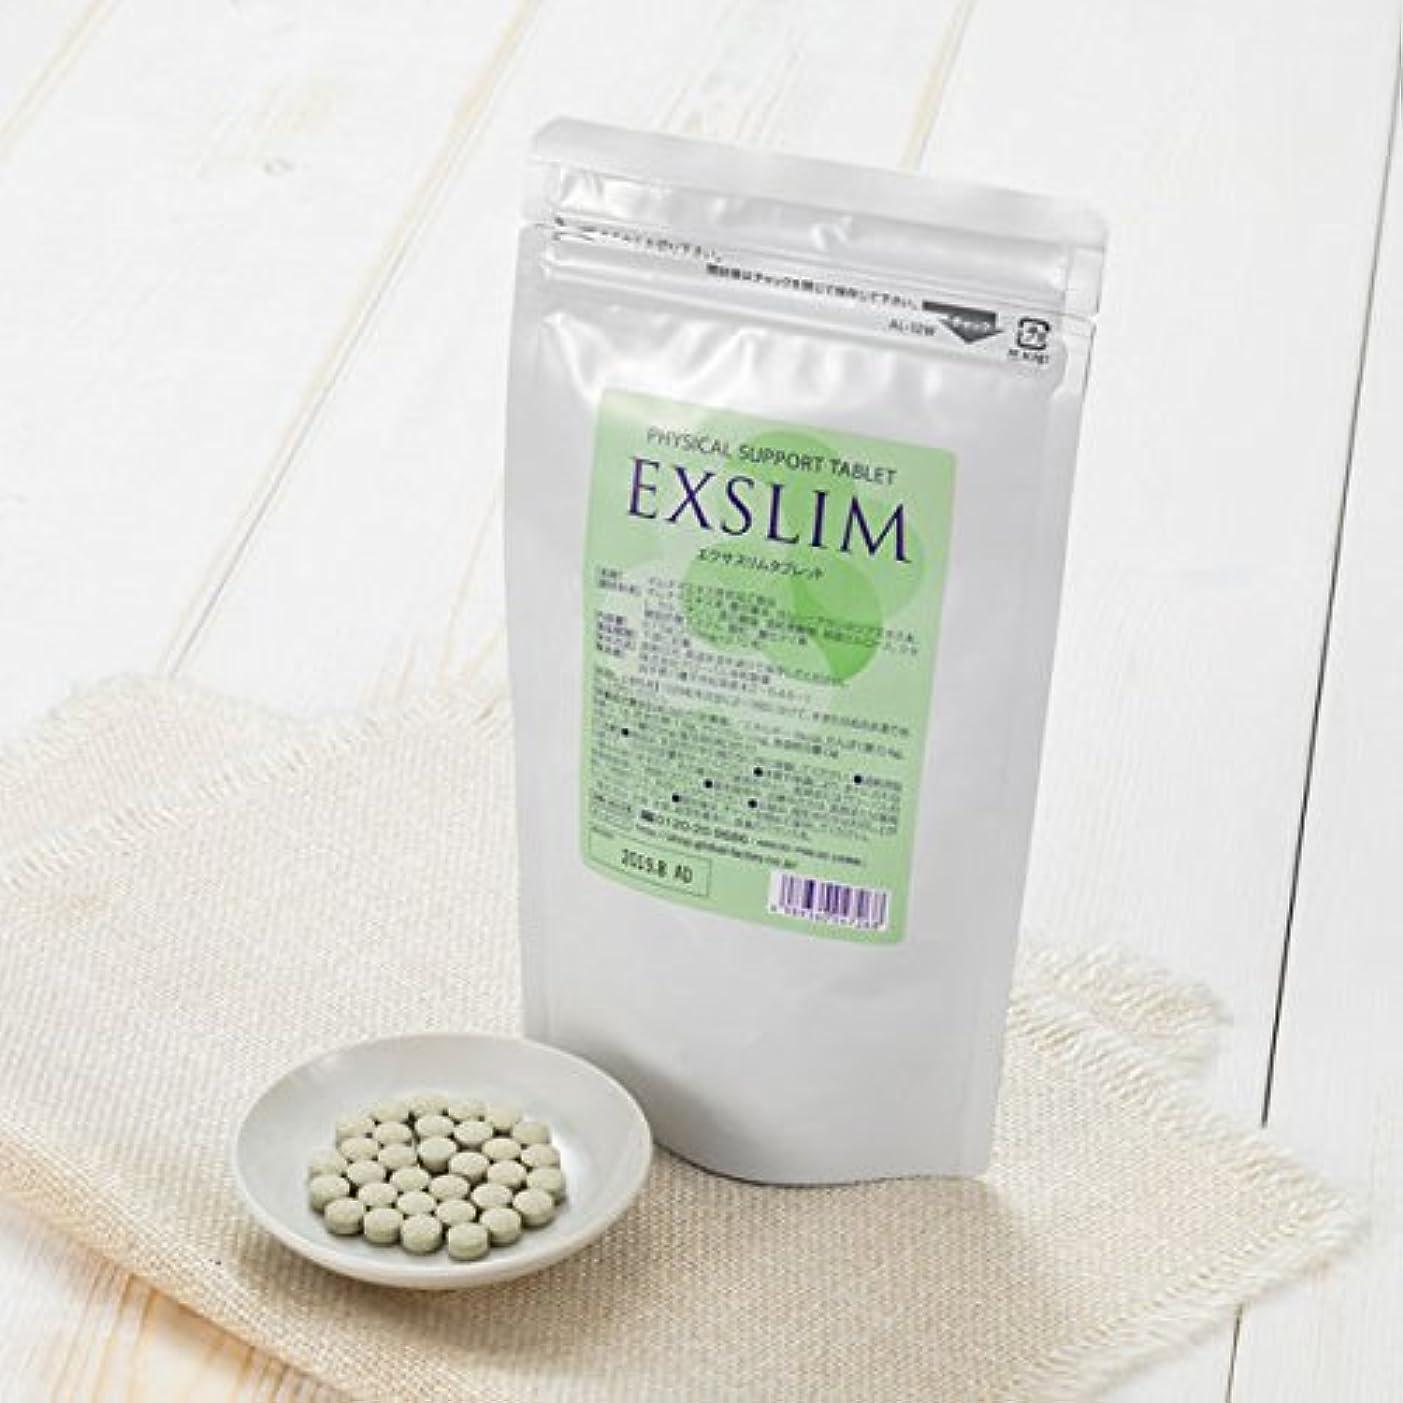 オリエンタル要求グローブ【EXSLIM】エクサスリム タブレット (250mg×270粒)